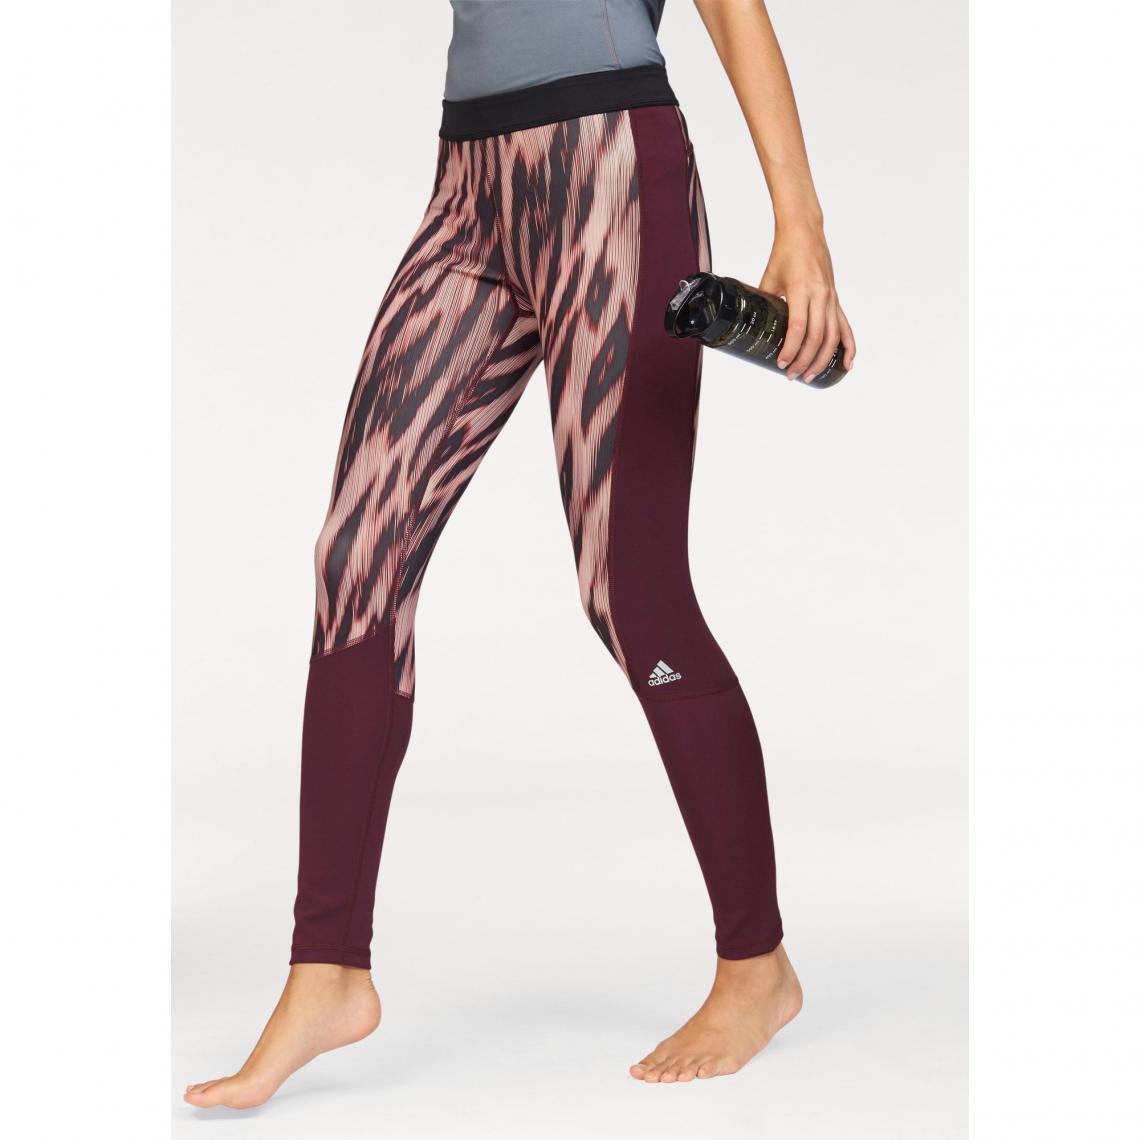 Legging de sport imprimé femme Climalite® TechFit® adidas Performance -  Rouge Adidas Performance Femme b0cfaf44a6c